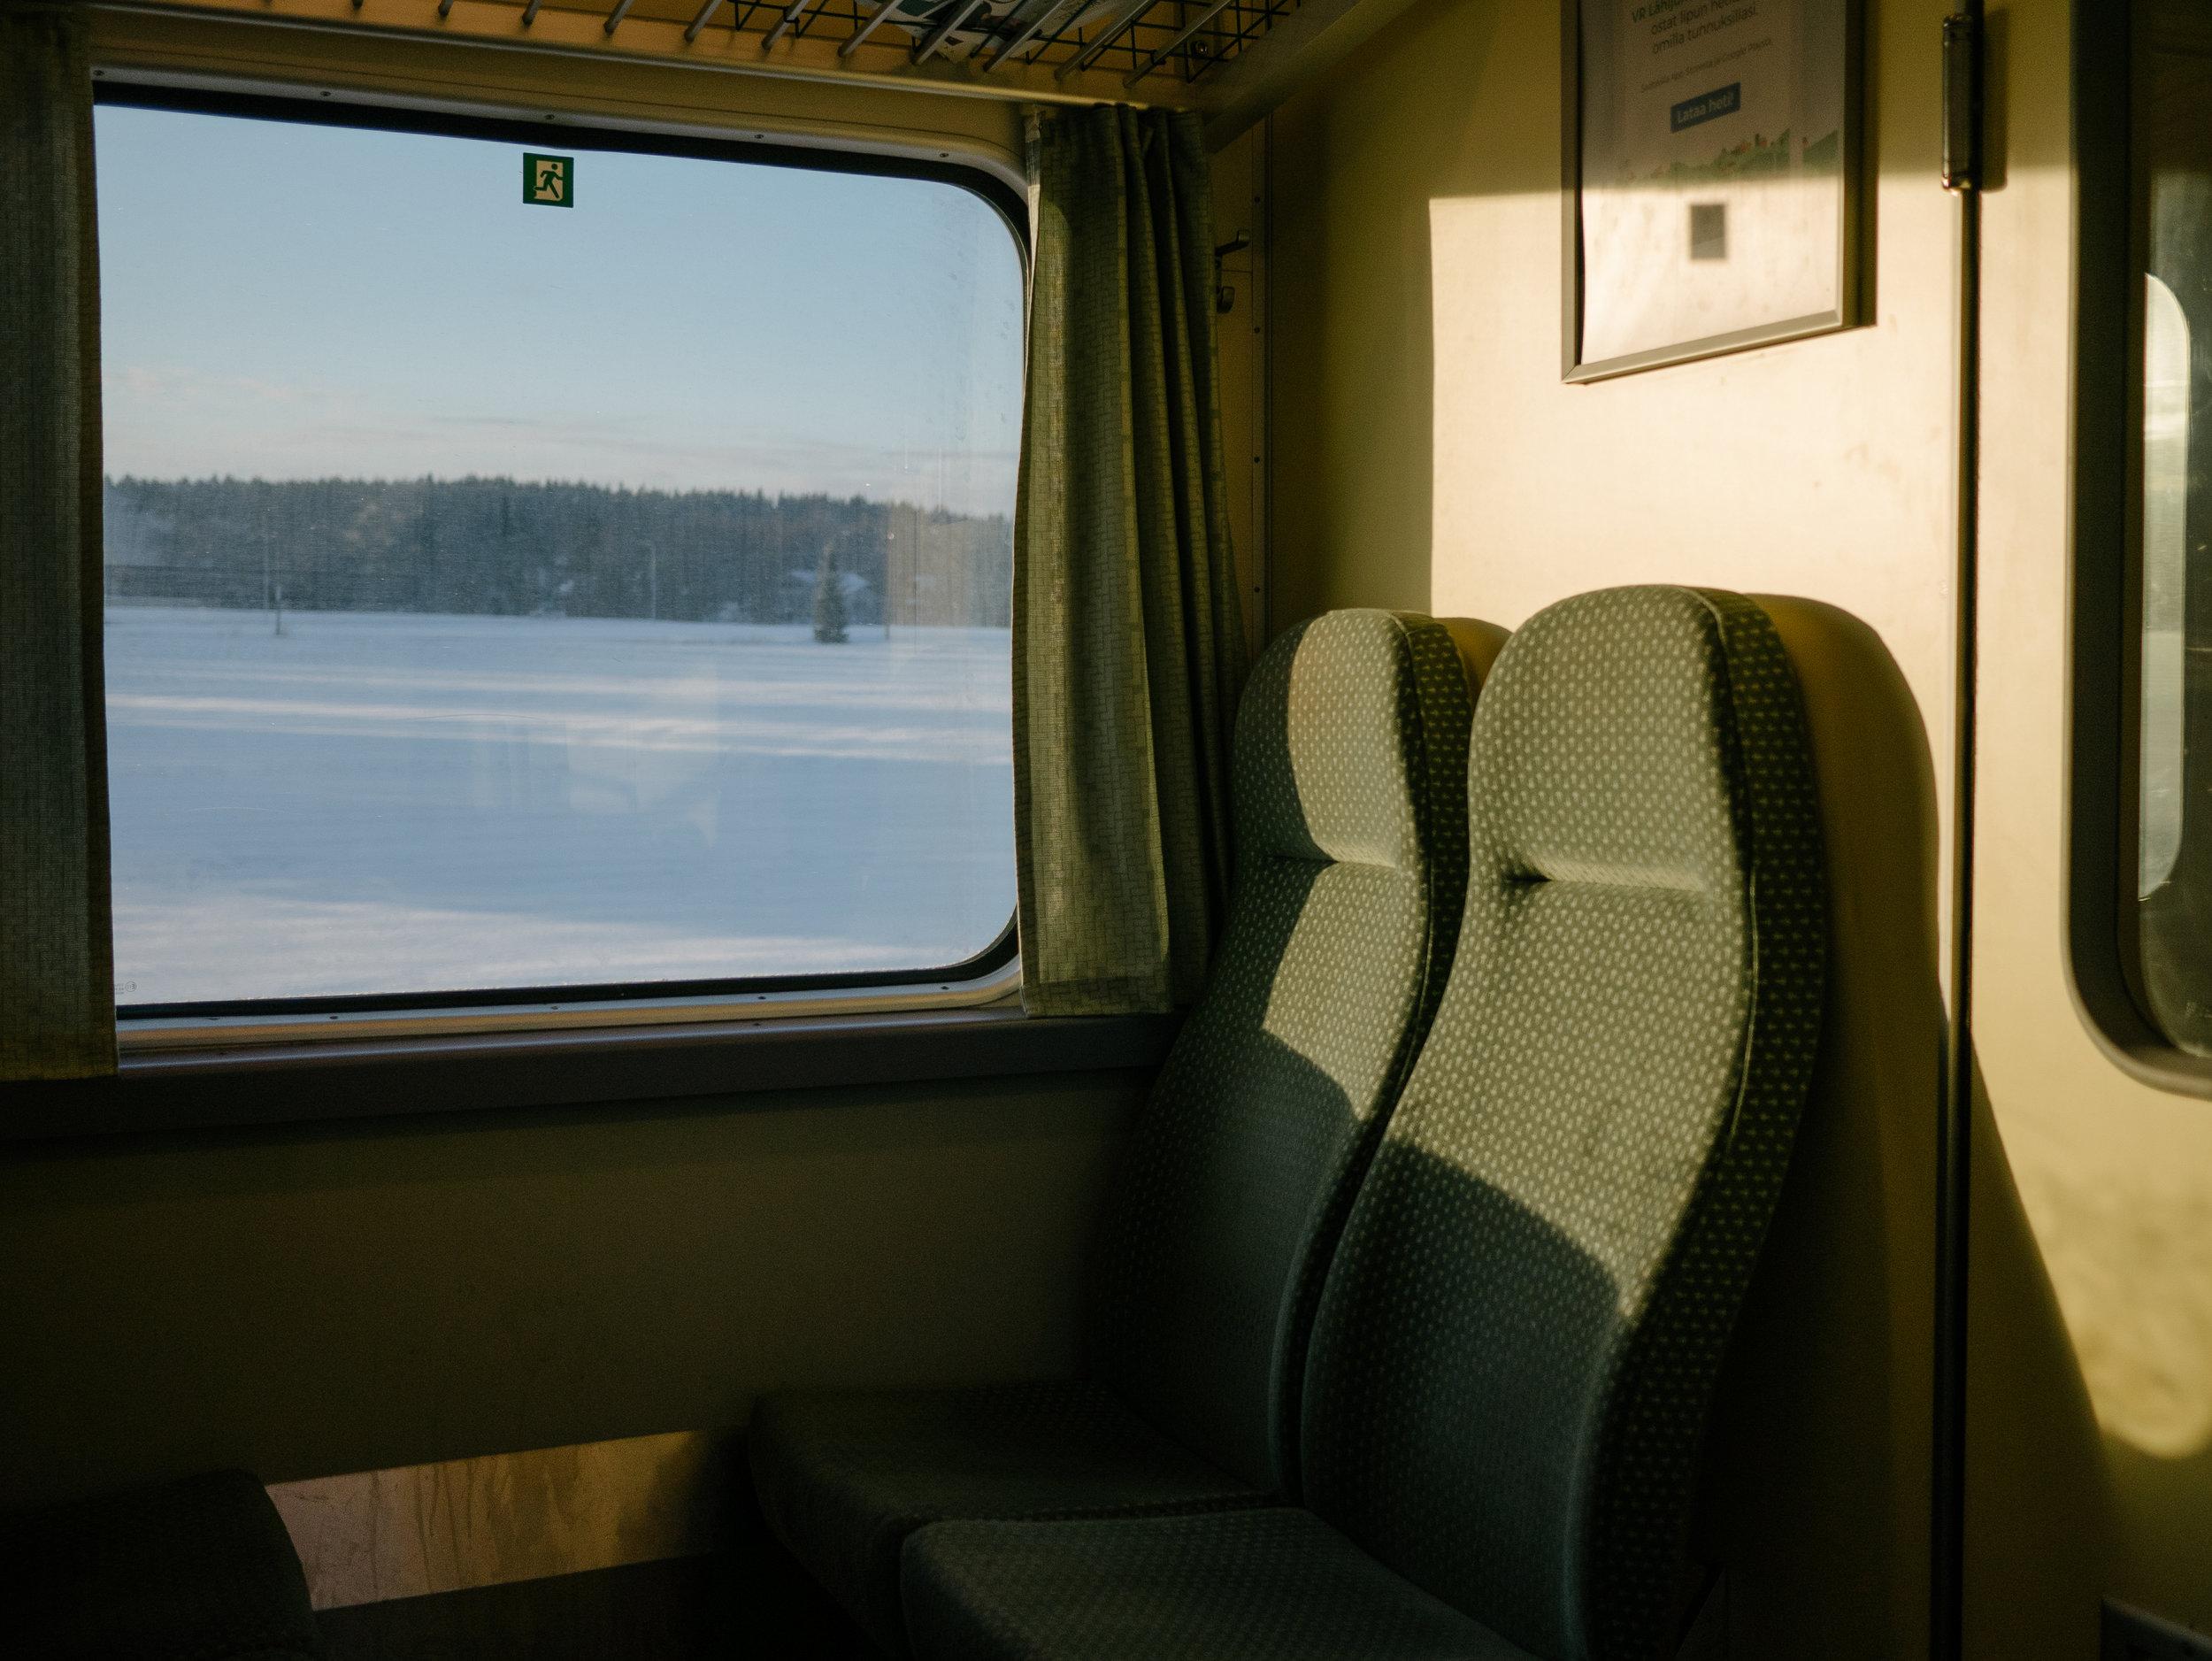 Lahti-Riihimäki, Finland, February 2017